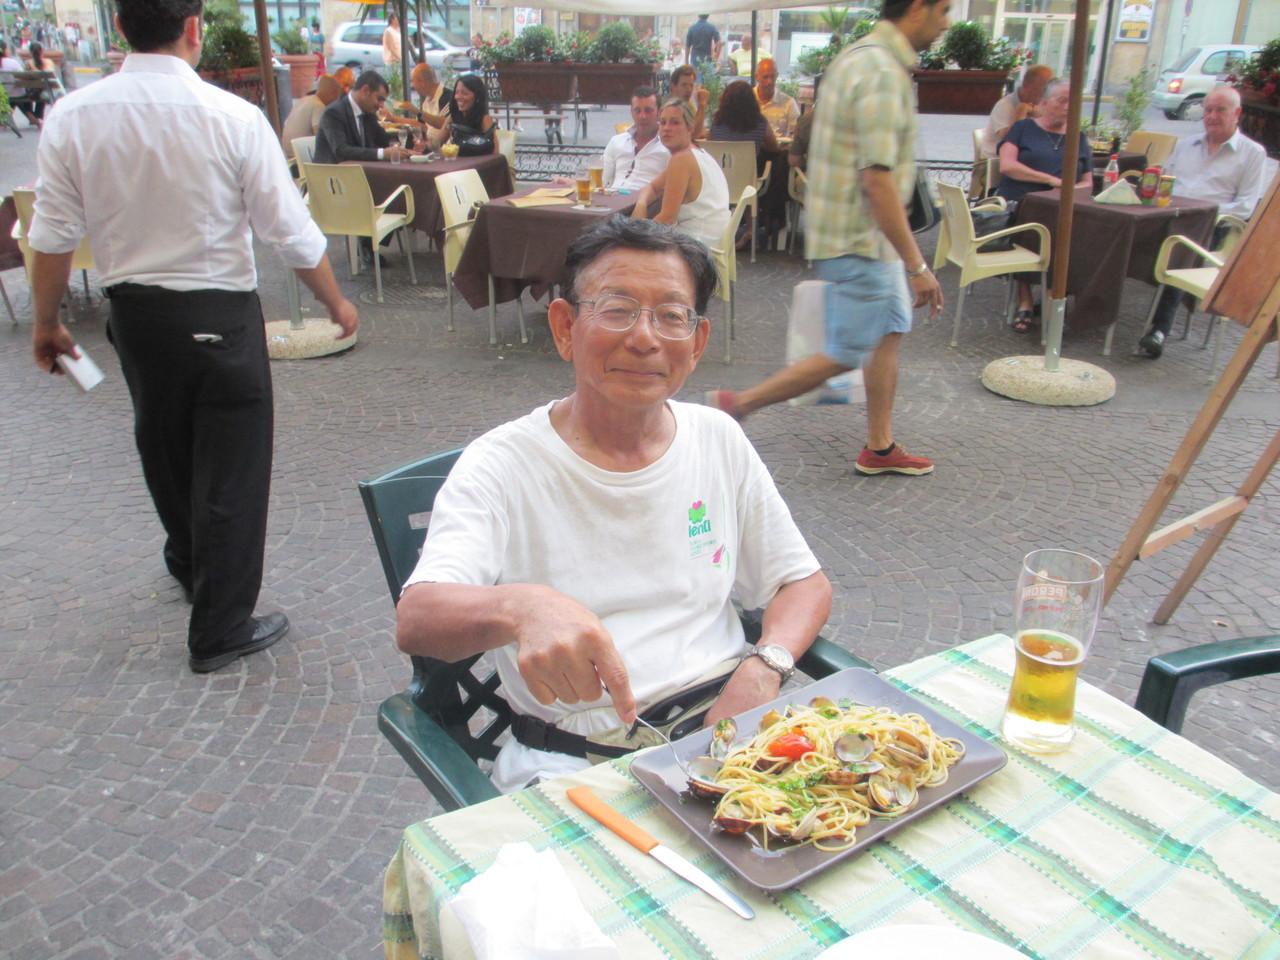 木内 尚之  イタリアの Cafe Terace で・・・  イタリア語の会話がOKなのでダビンチの足跡をたどってみたり?    今回も一人旅(H25.8)